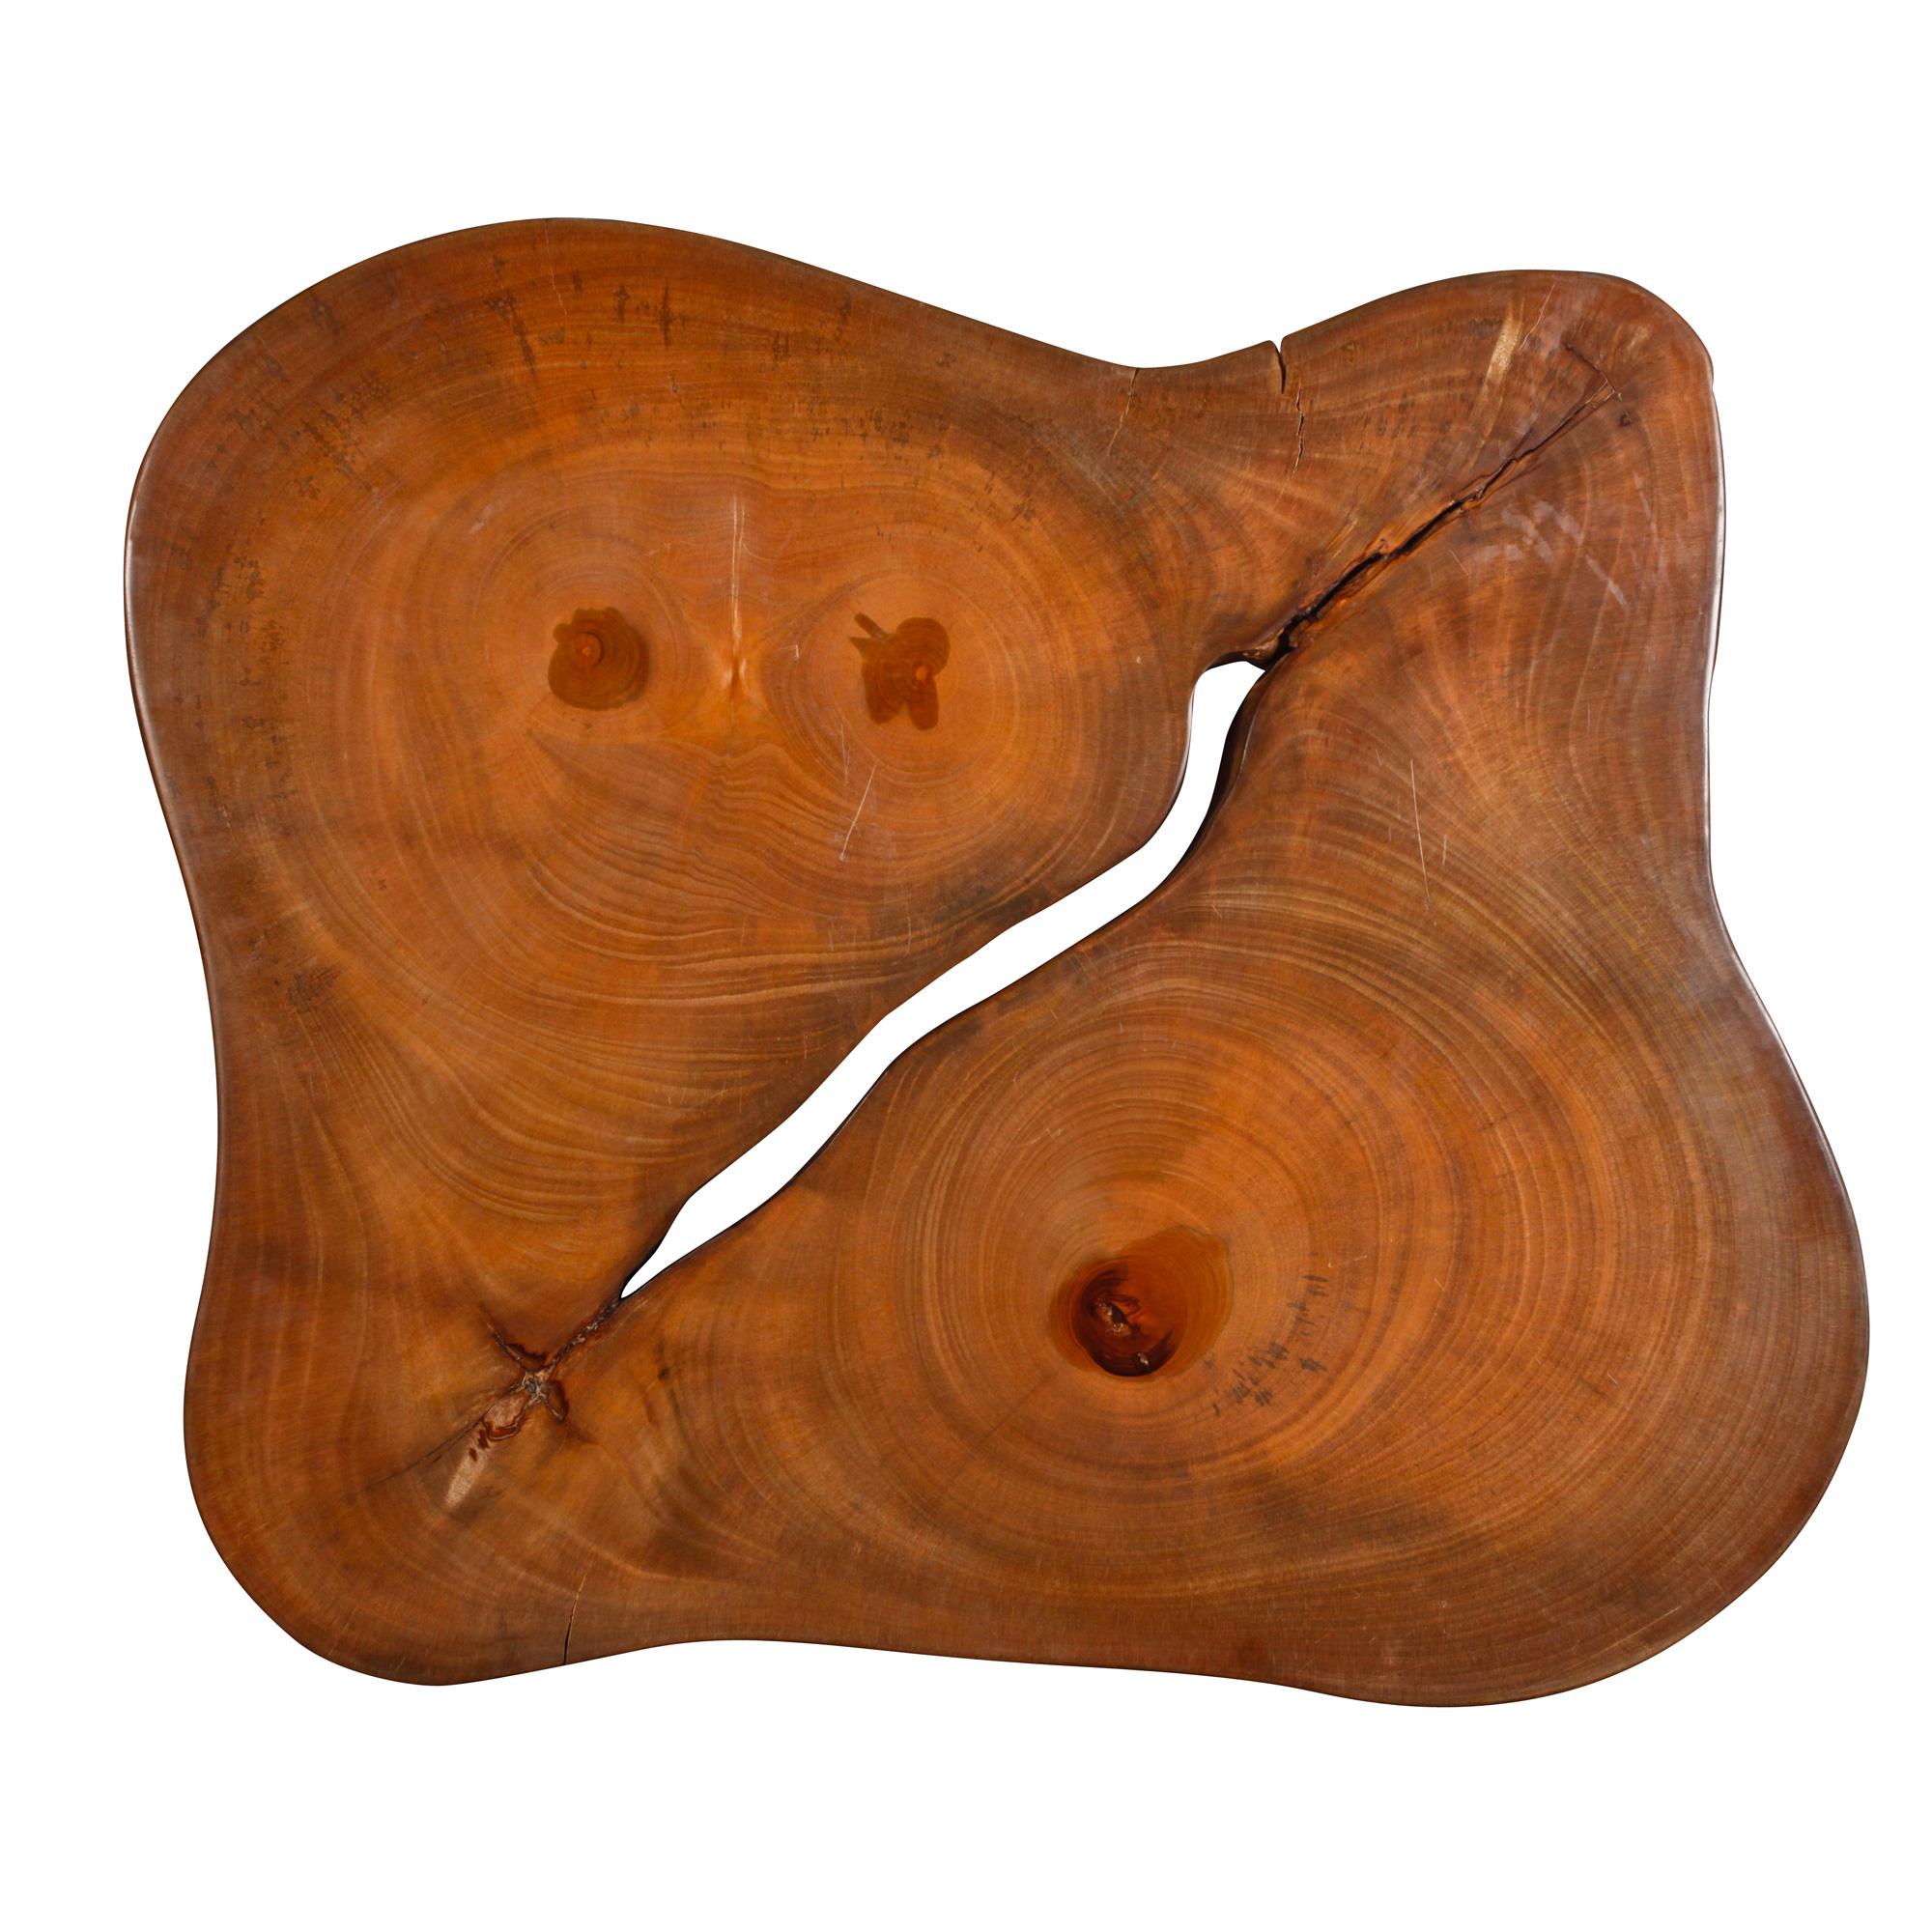 Saman Natural Wood Art - R93